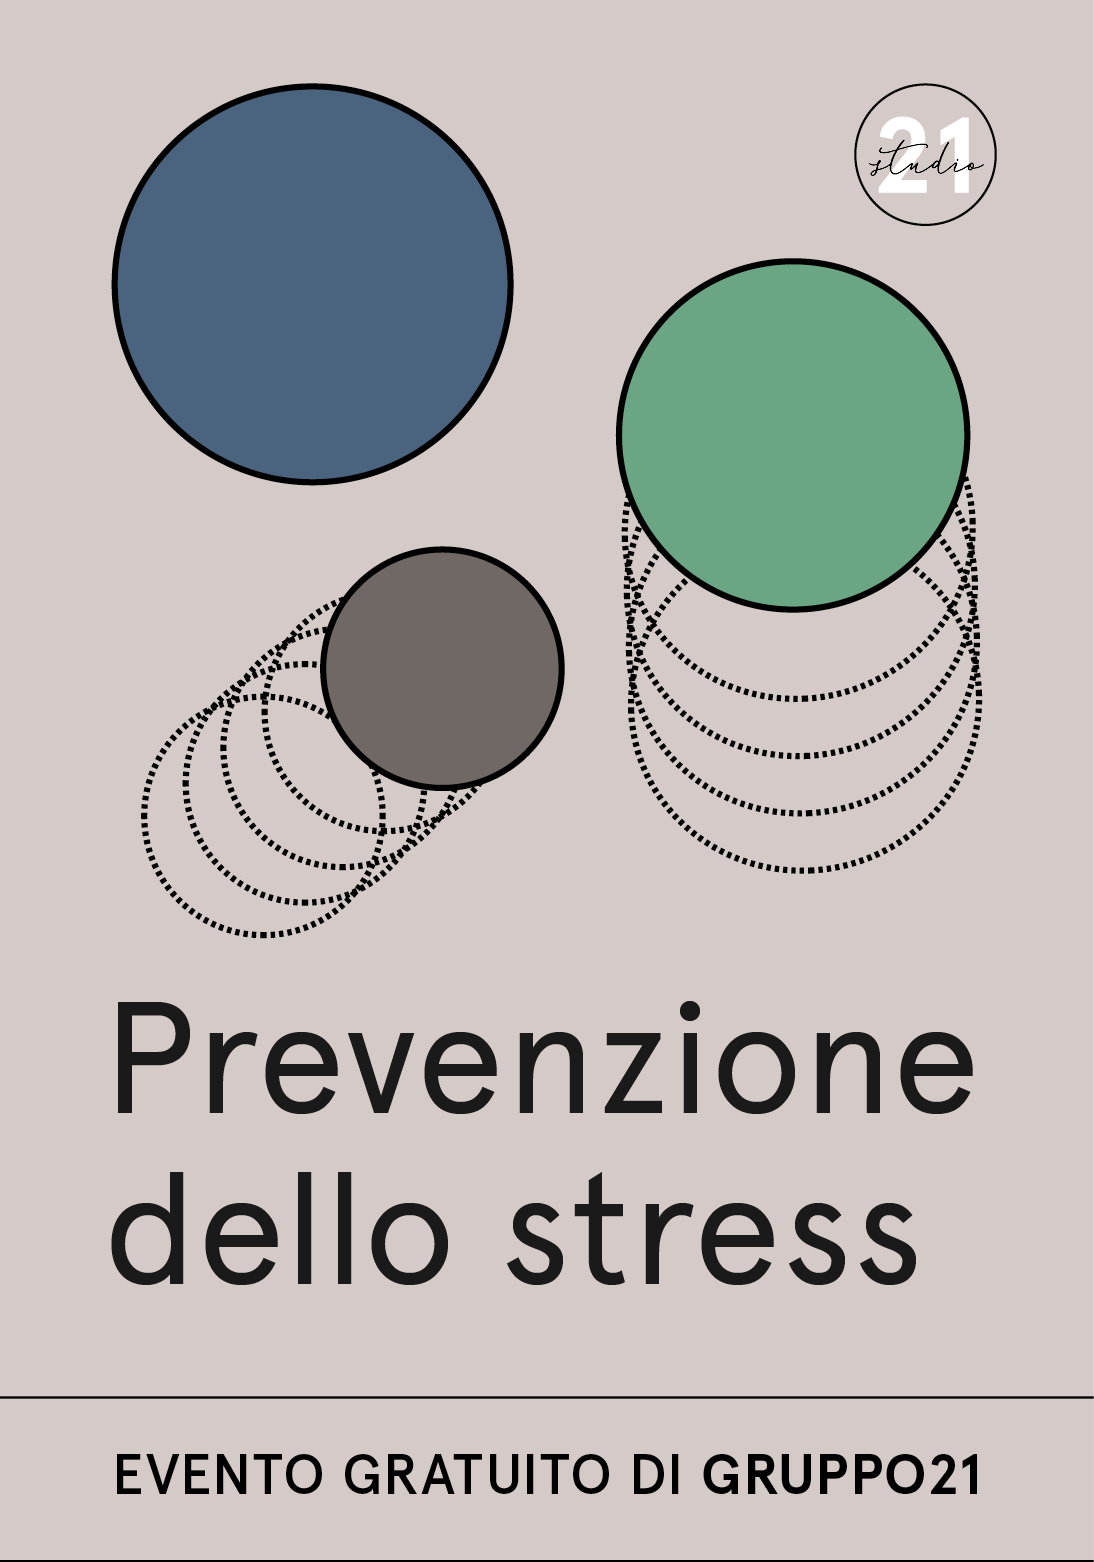 Prevenzione dello stress